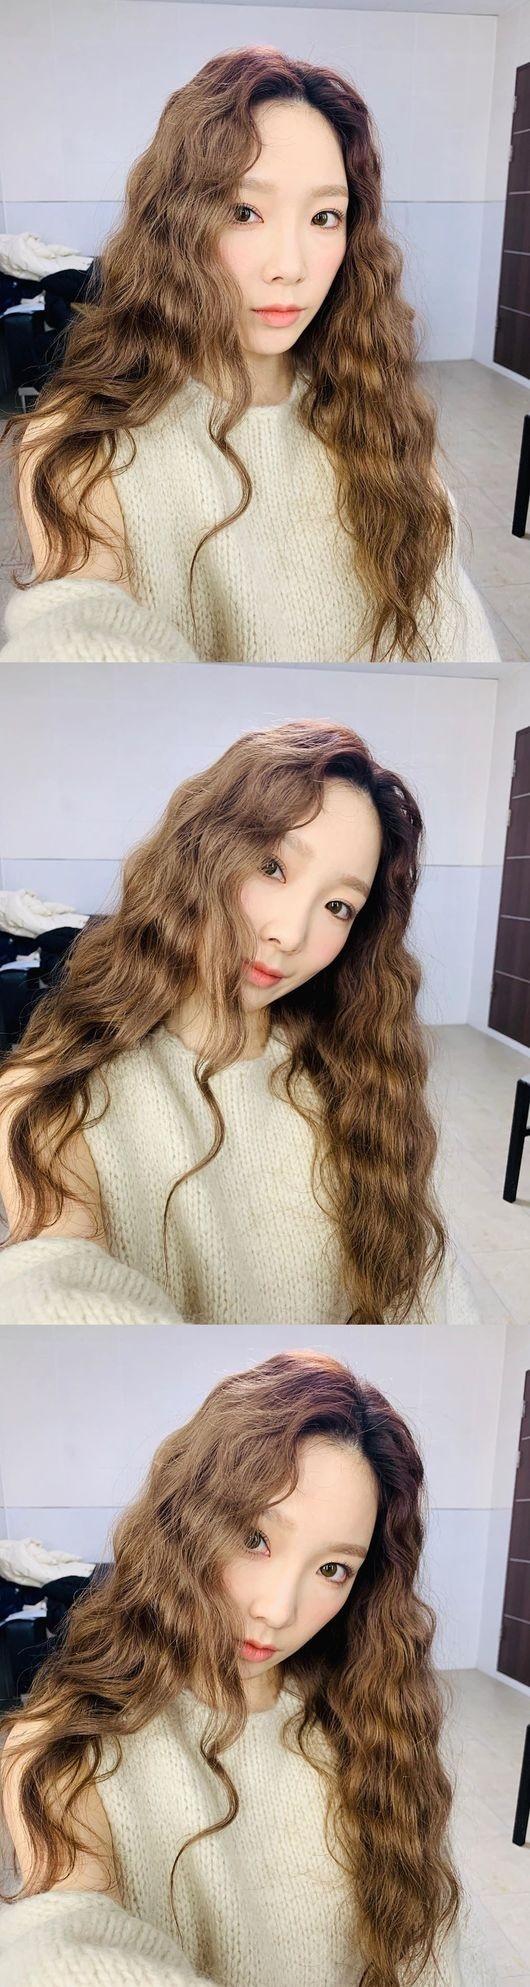 少女时代金泰妍就像人偶?可爱的波浪感头发公开